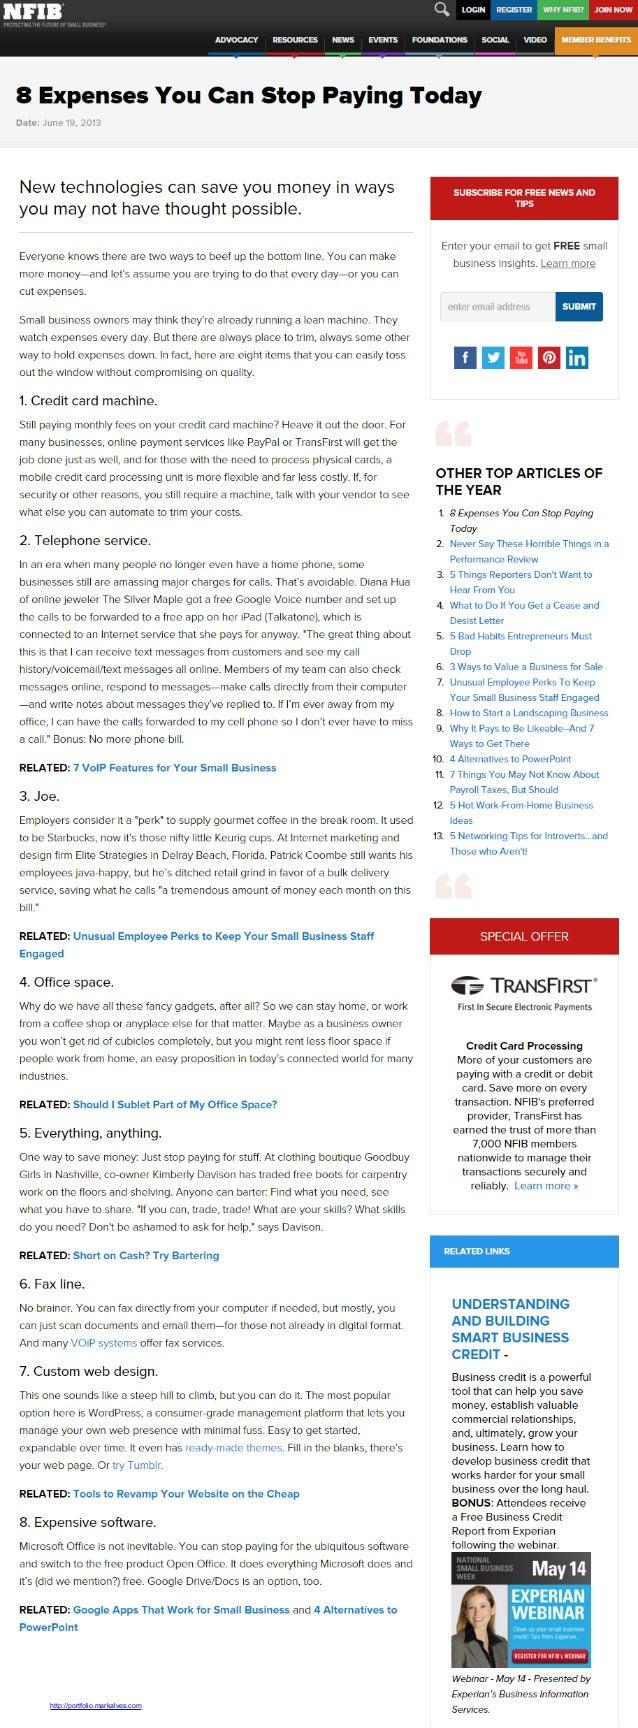 http://portfolio.markalves.com